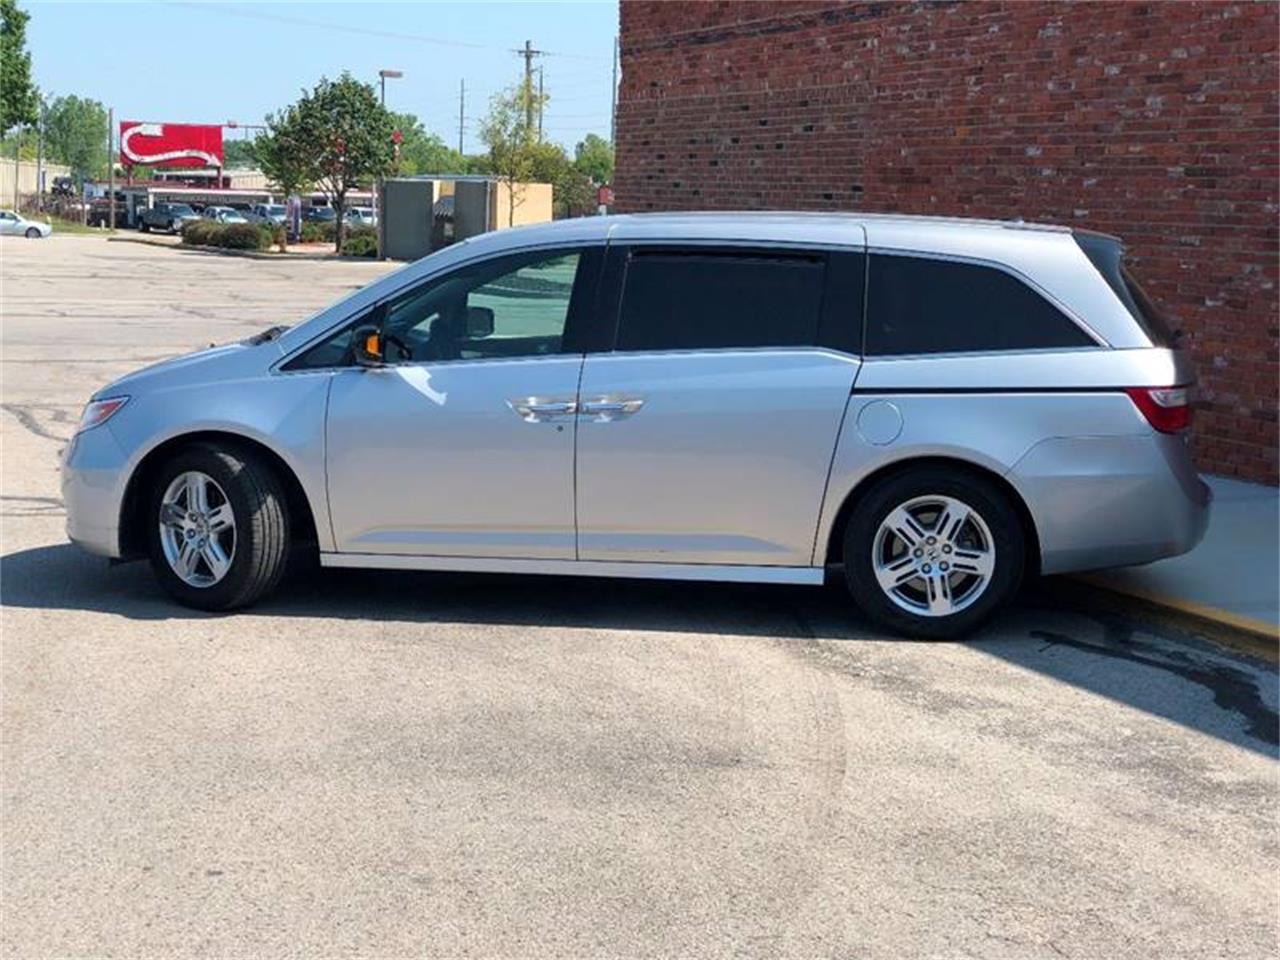 2012 Honda Odyssey For Sale >> 2012 Honda Odyssey For Sale Classiccars Com Cc 1130617